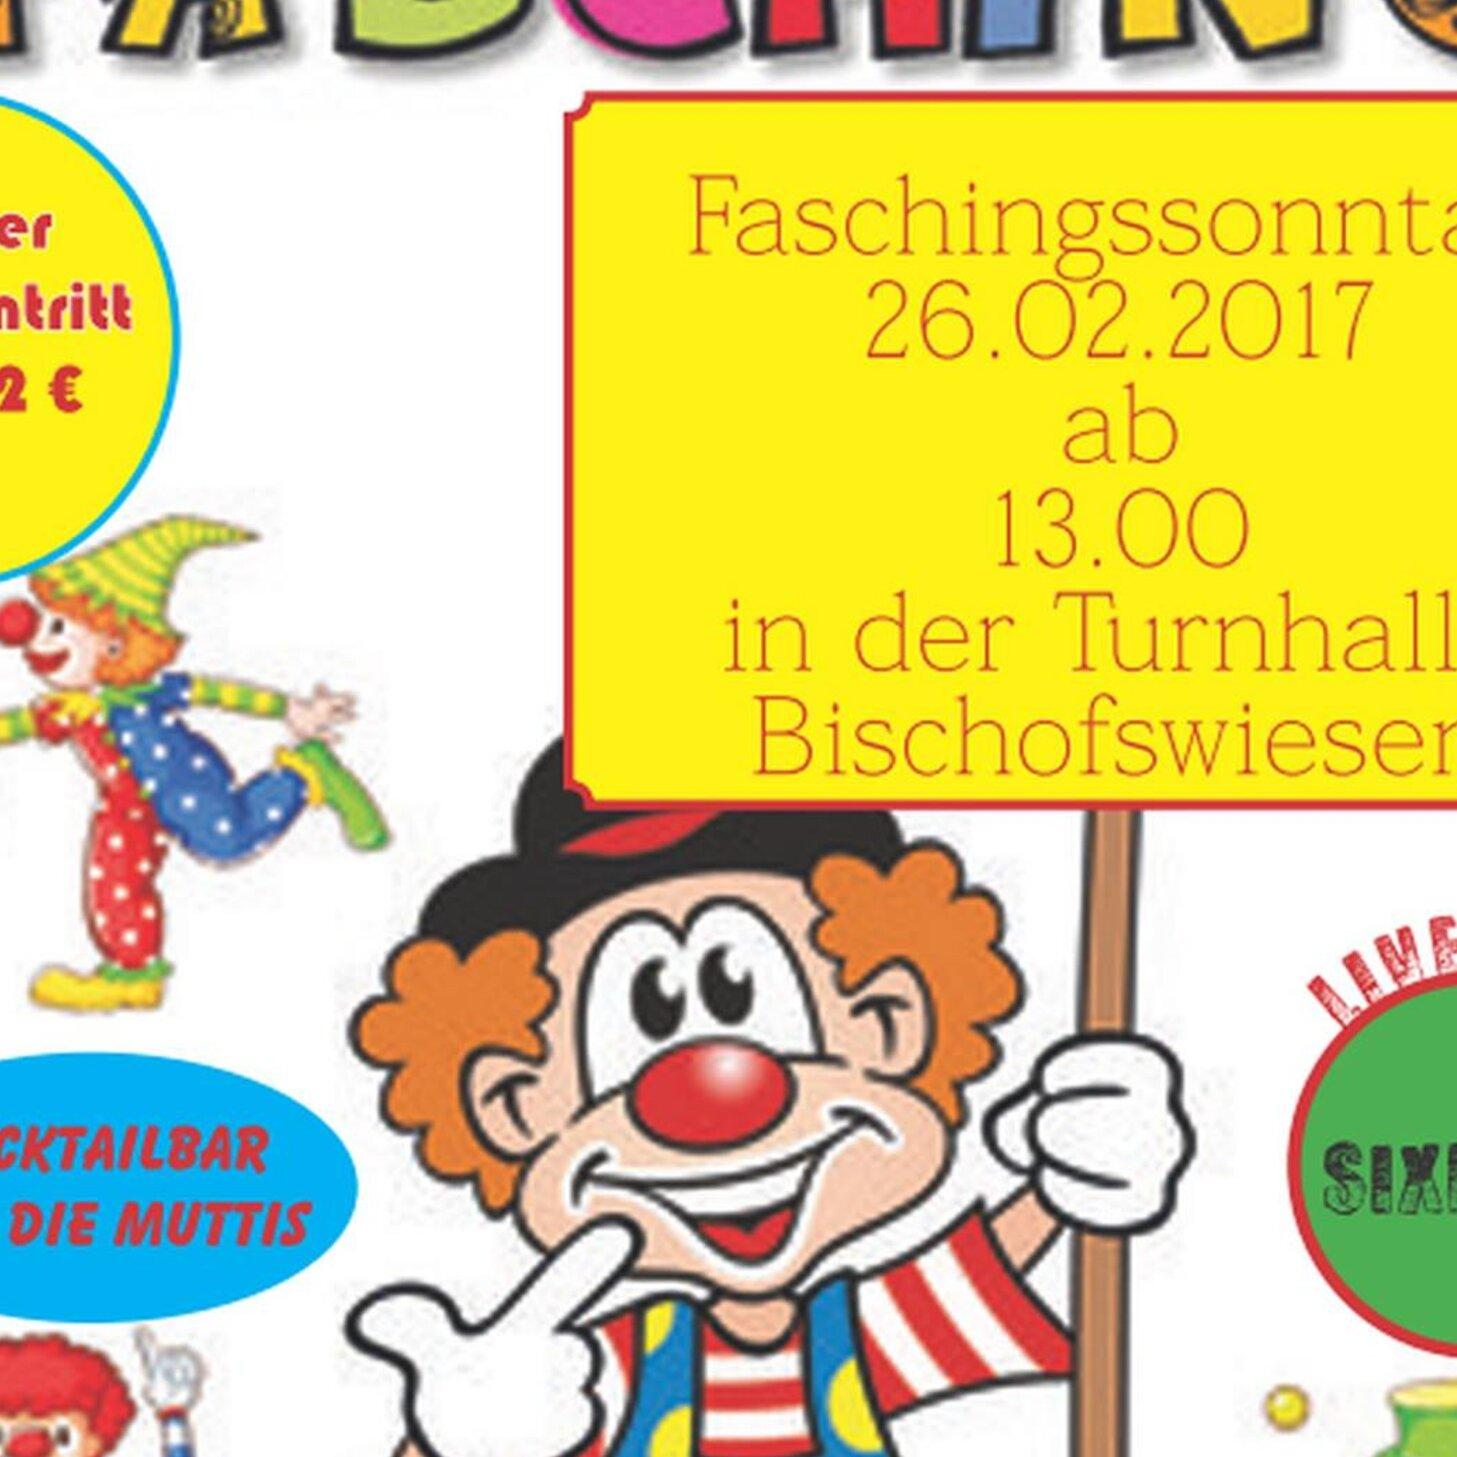 Kinderfasching in der Turnhalle Bischofswiesen